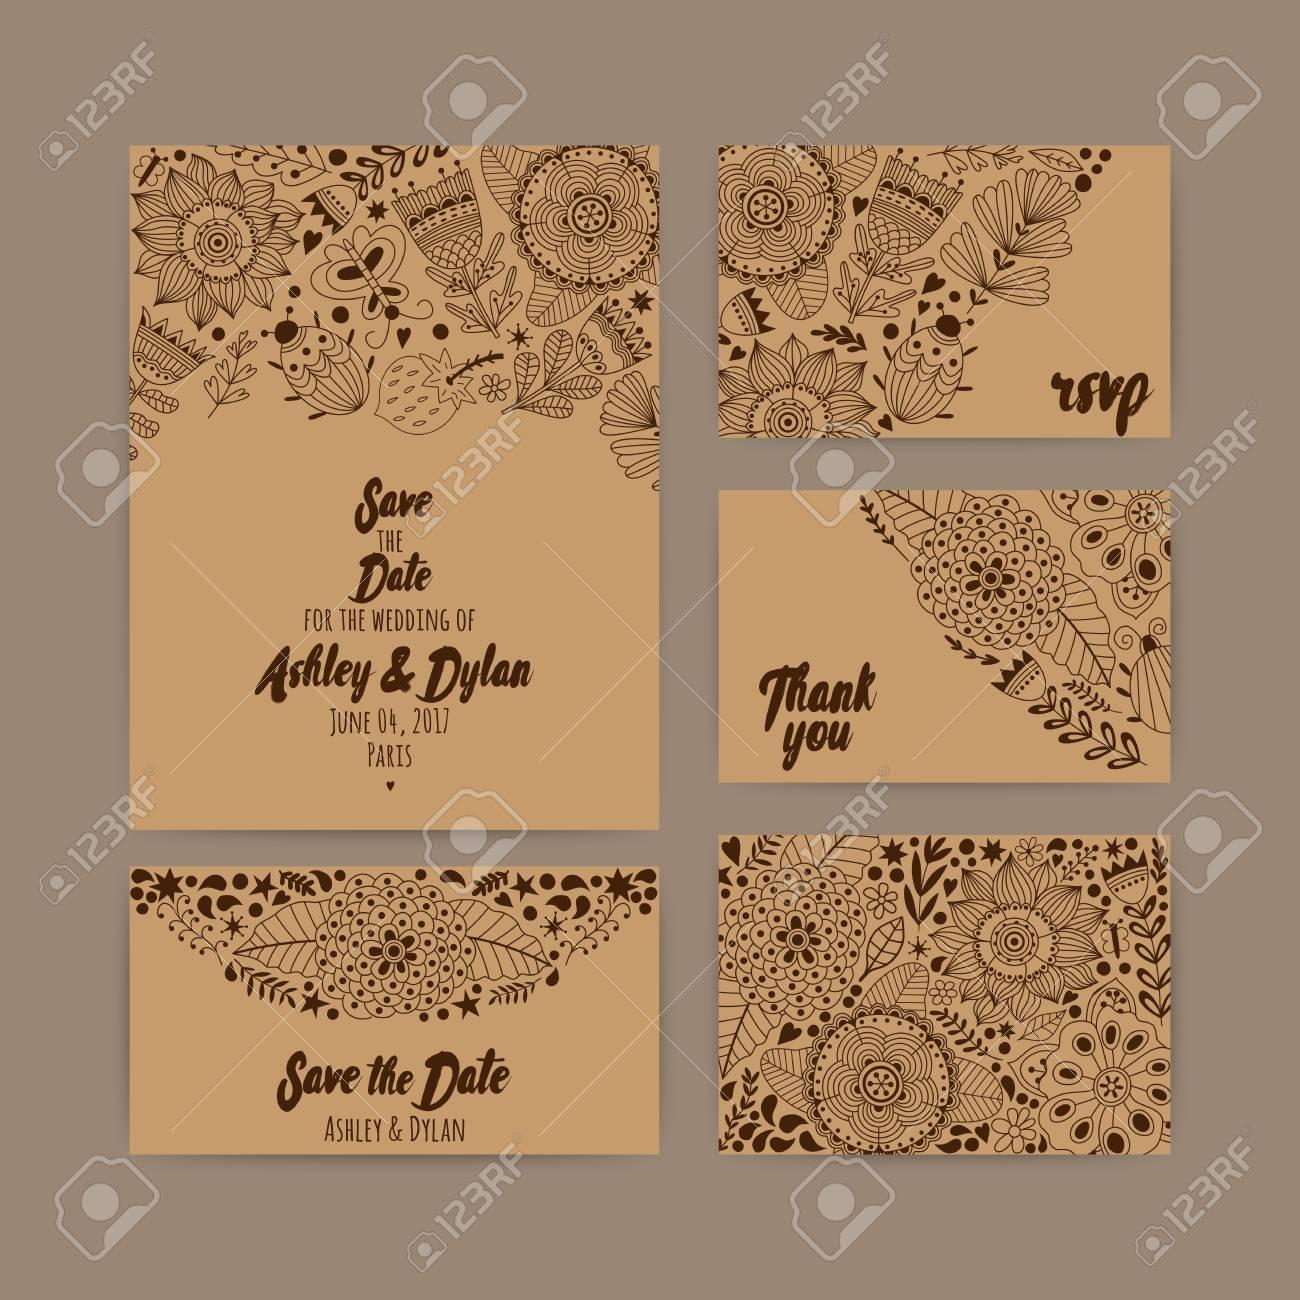 modele d invitation de mariage invitation enveloppe carte de remerciement enregistrez les cartes de date ensemble de mariage carte rsvp